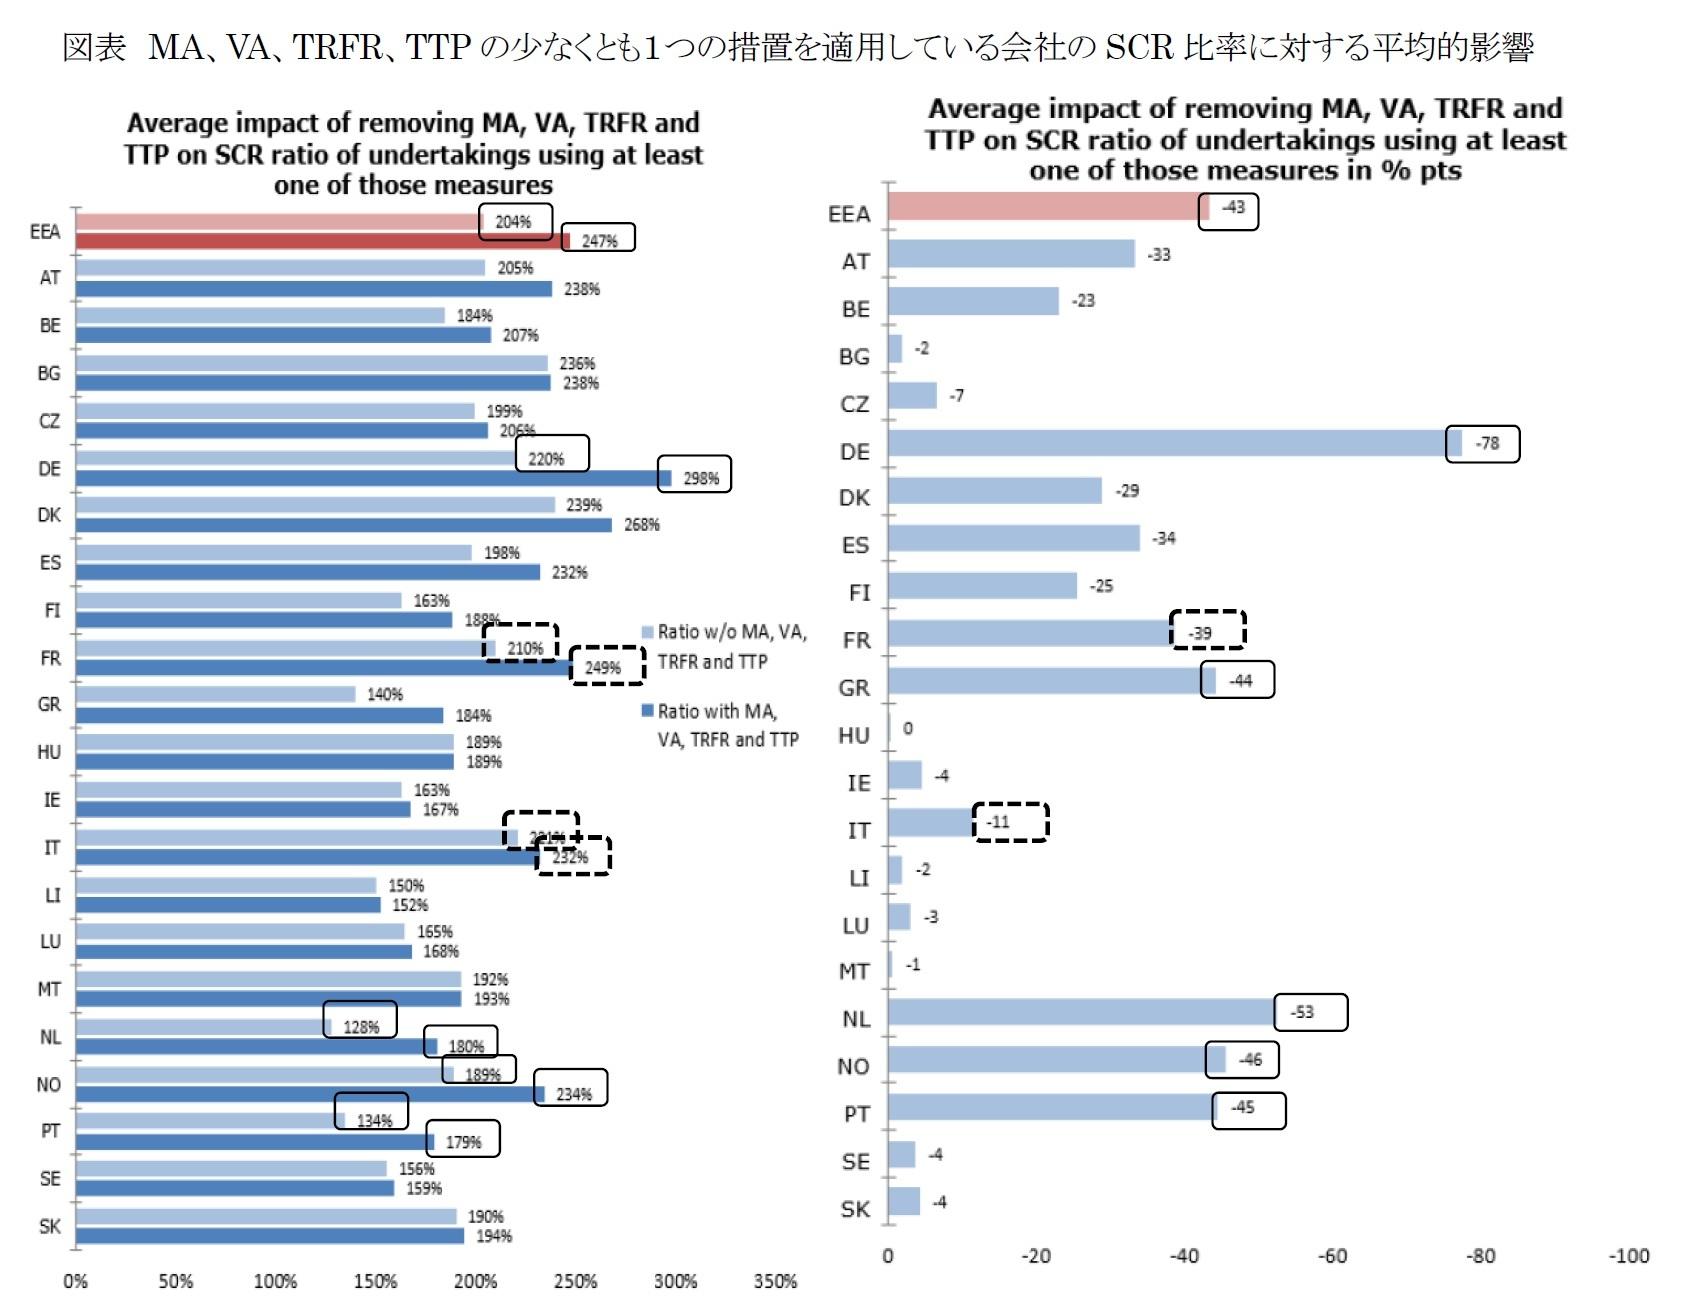 図表 MA、VA、TRFR、TTPの少なくとも1つの措置を適用している会社のSCR比率に対する平均的影響